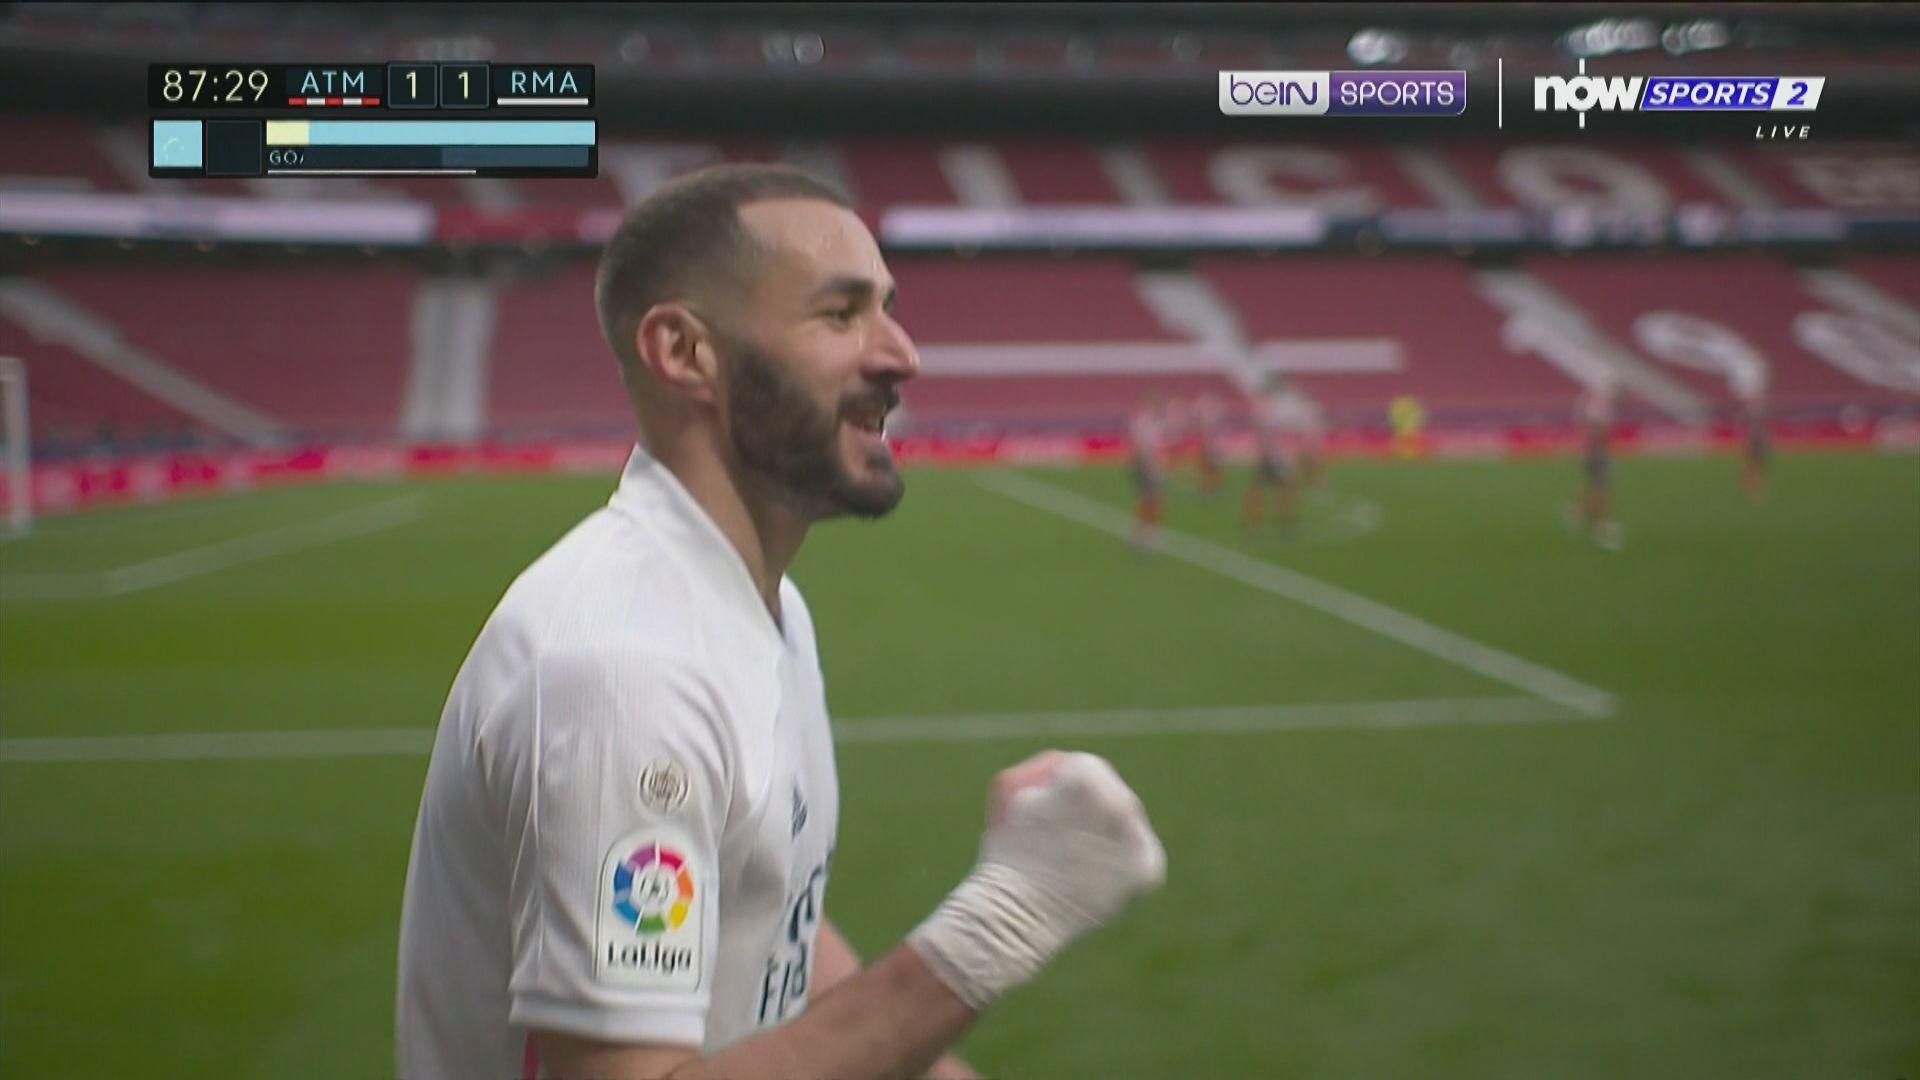 西甲 馬德里體育會1:1皇家馬德里